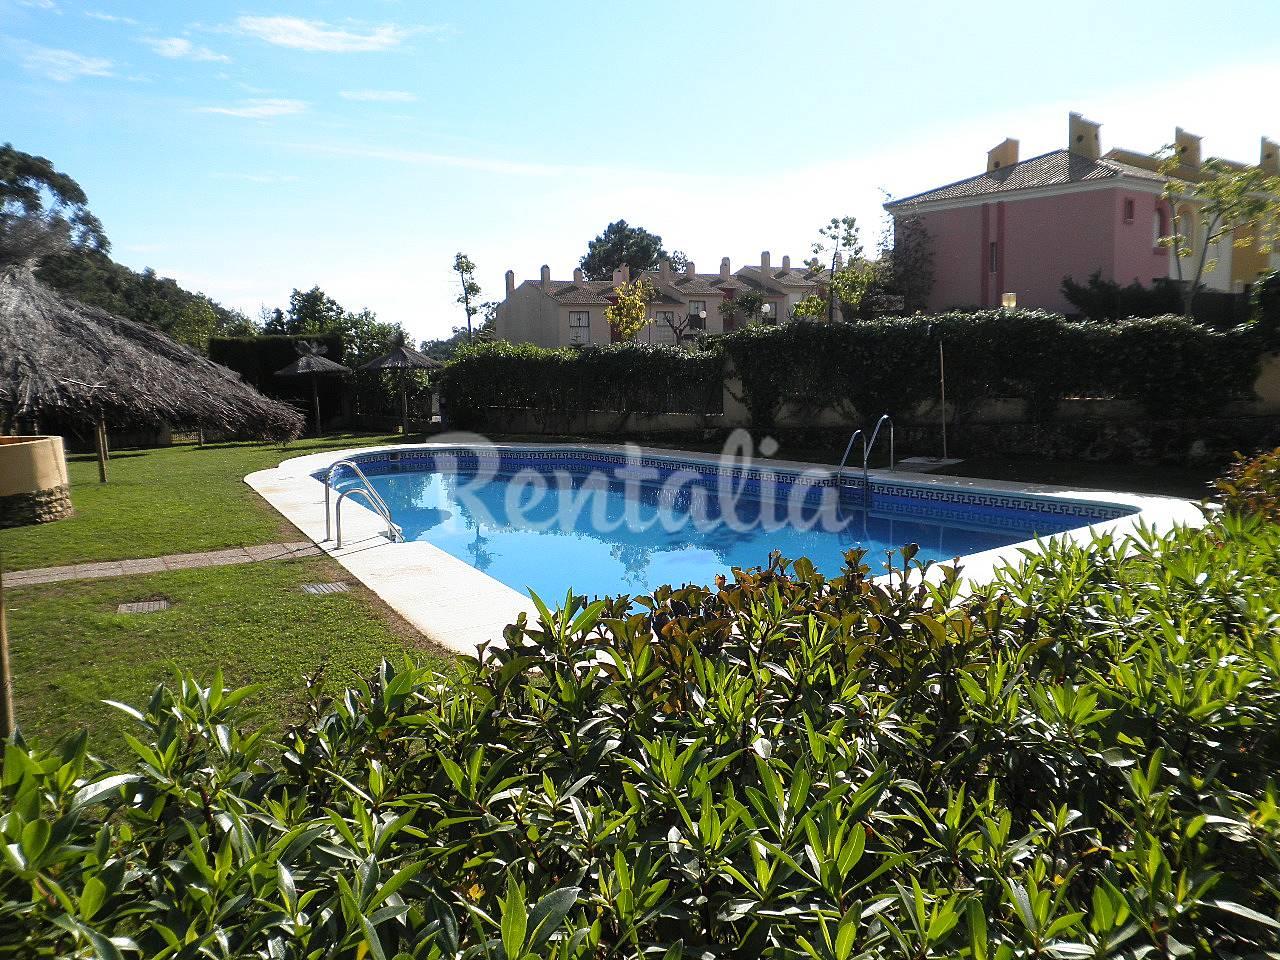 Apartamento de 2 dormitorios a 600 m de la playa - Rentalia islantilla ...